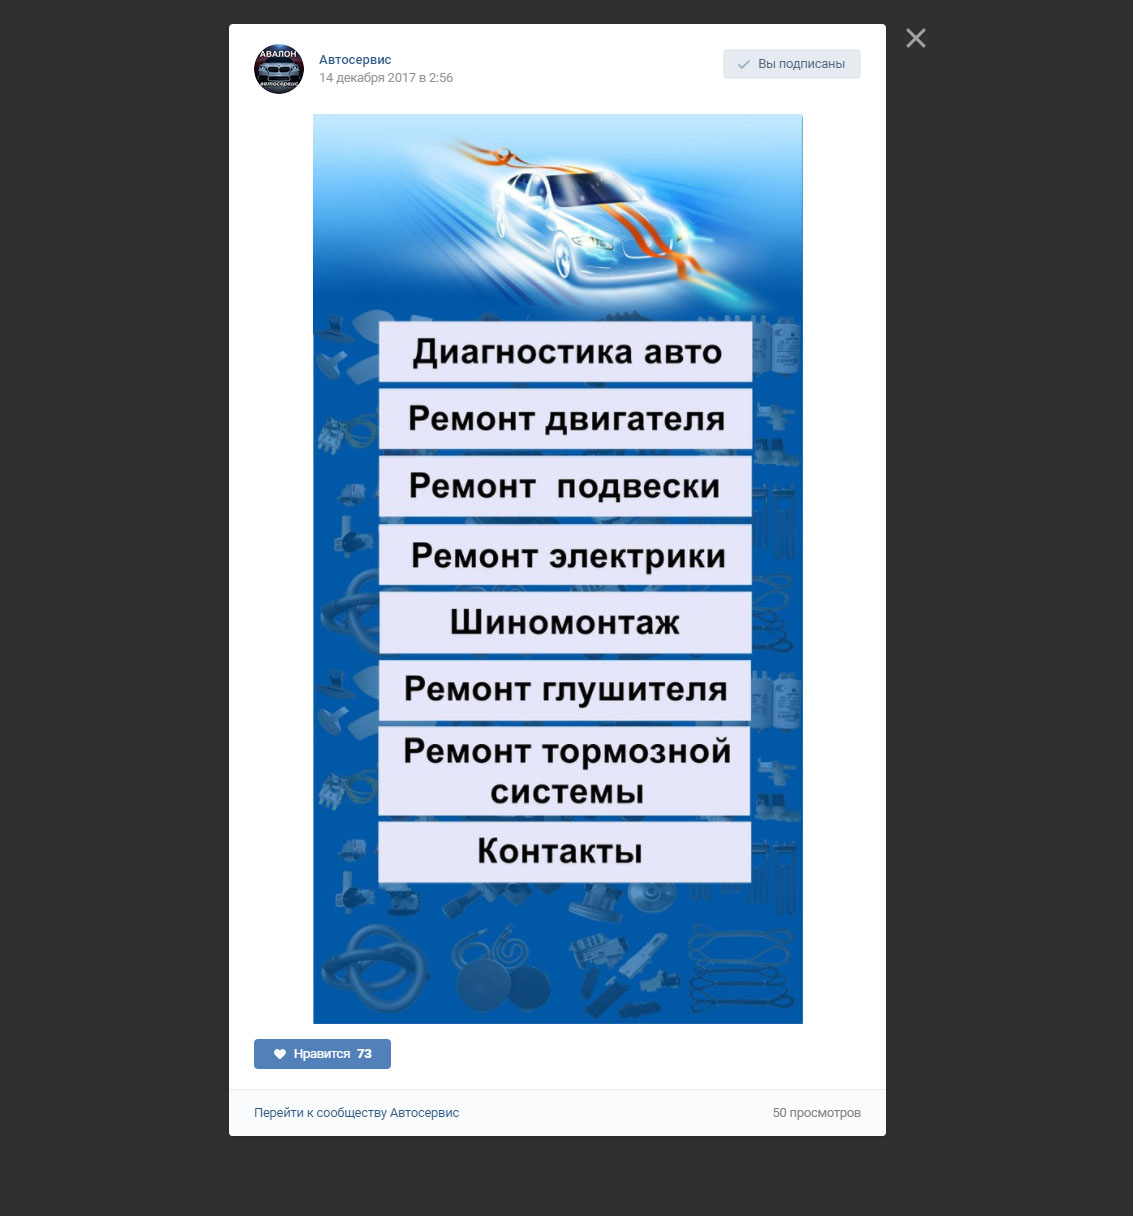 Продвижение Вконтакте автосервиса